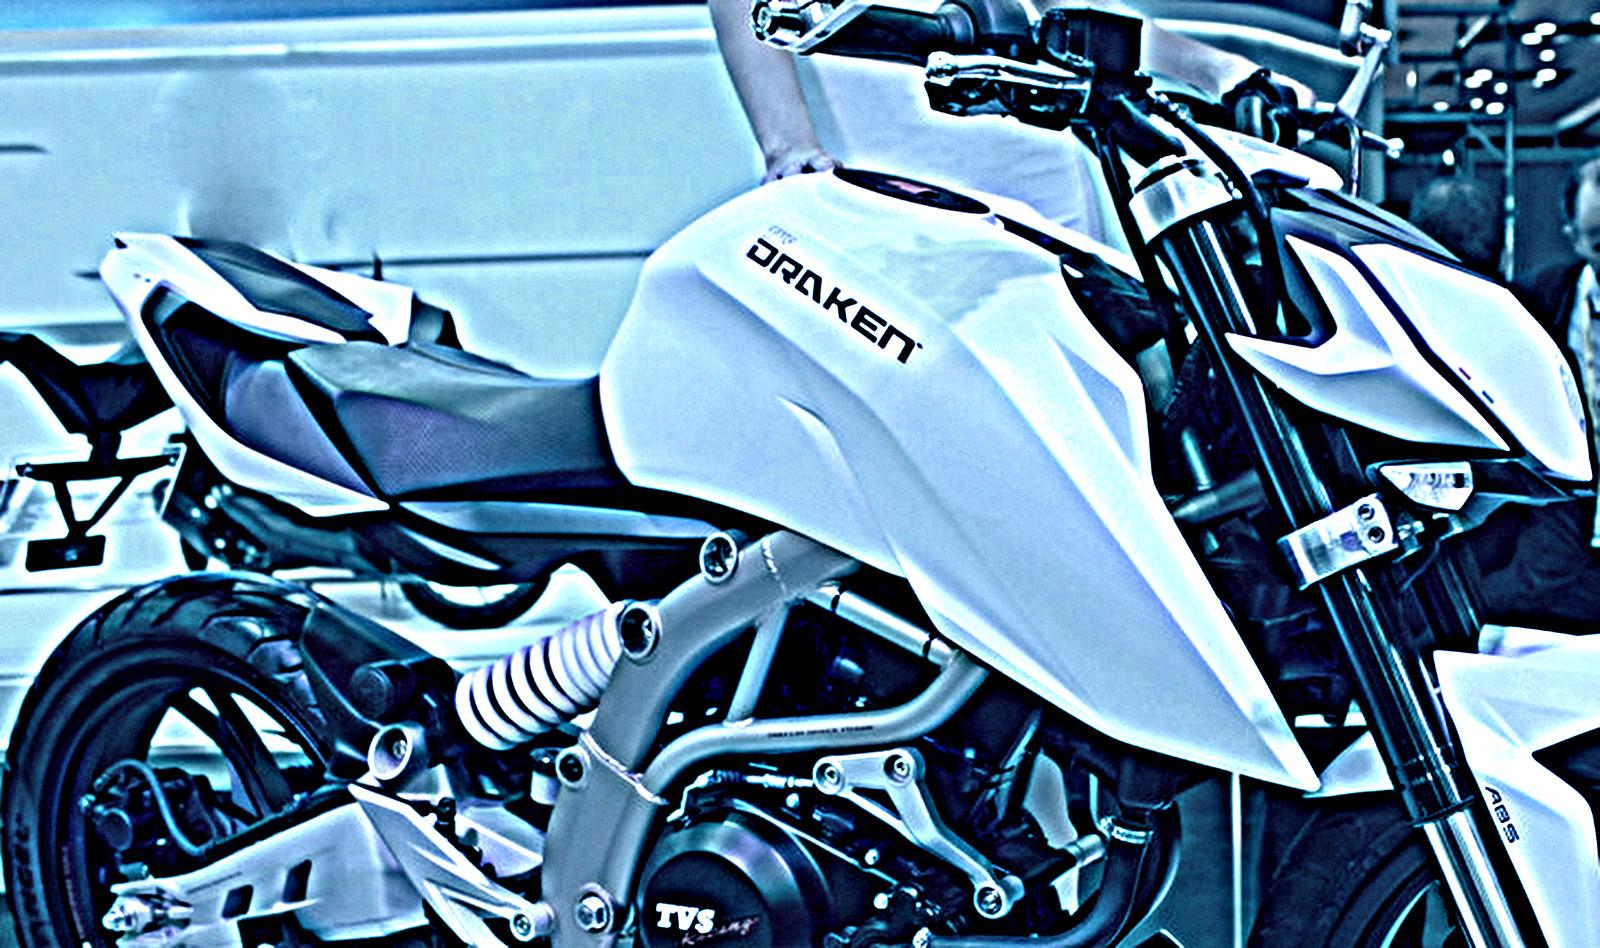 Draken-Inspired TVS-BMWs K03 Naked Bike Spy Pics